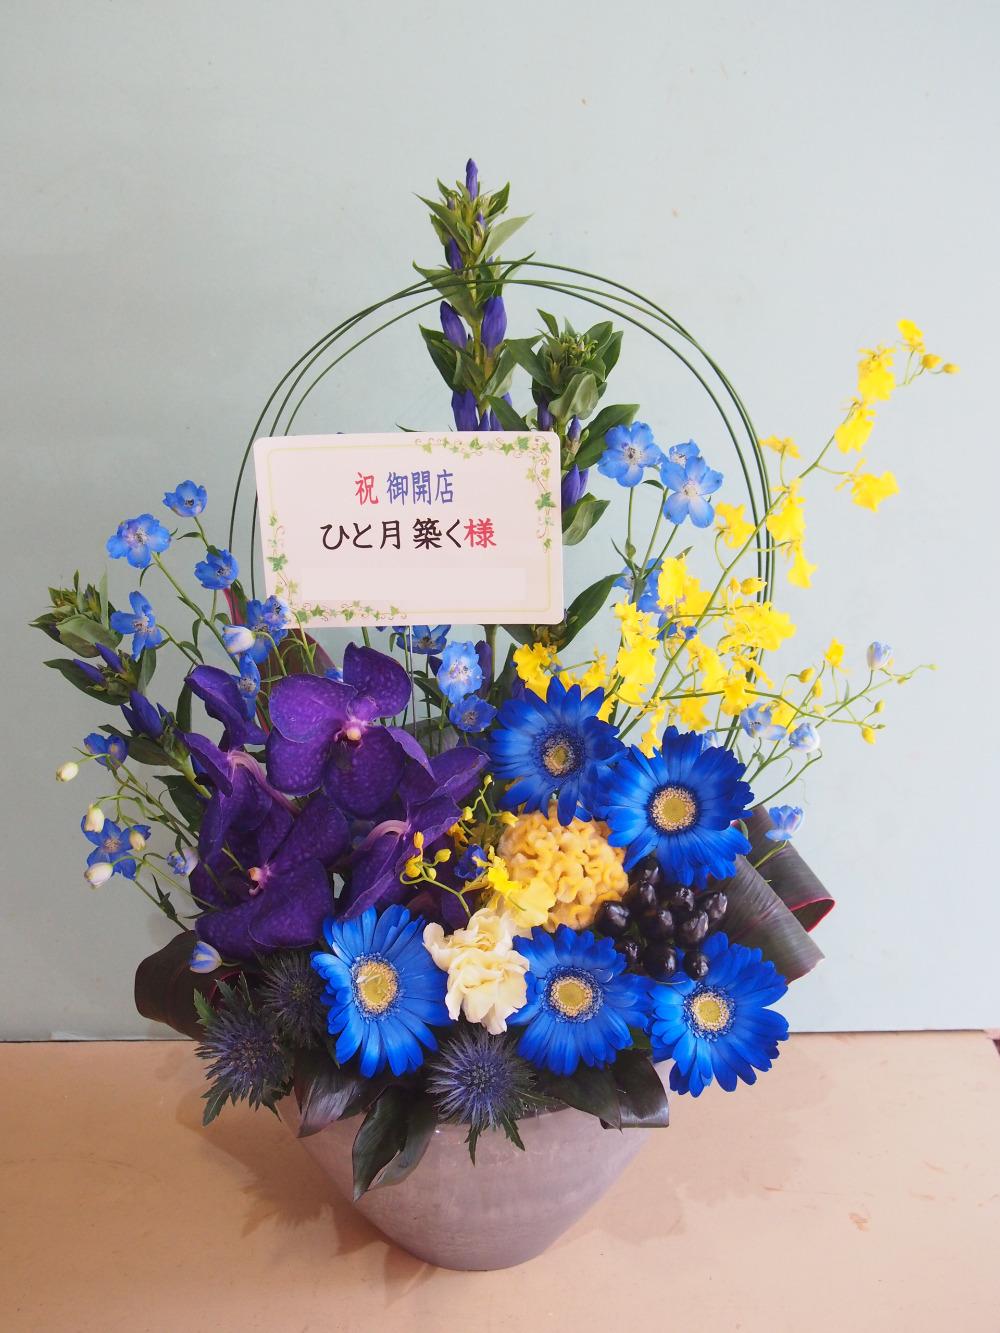 お店のイメージにあわせておつくりしたブルーと黄色の開店お祝い花